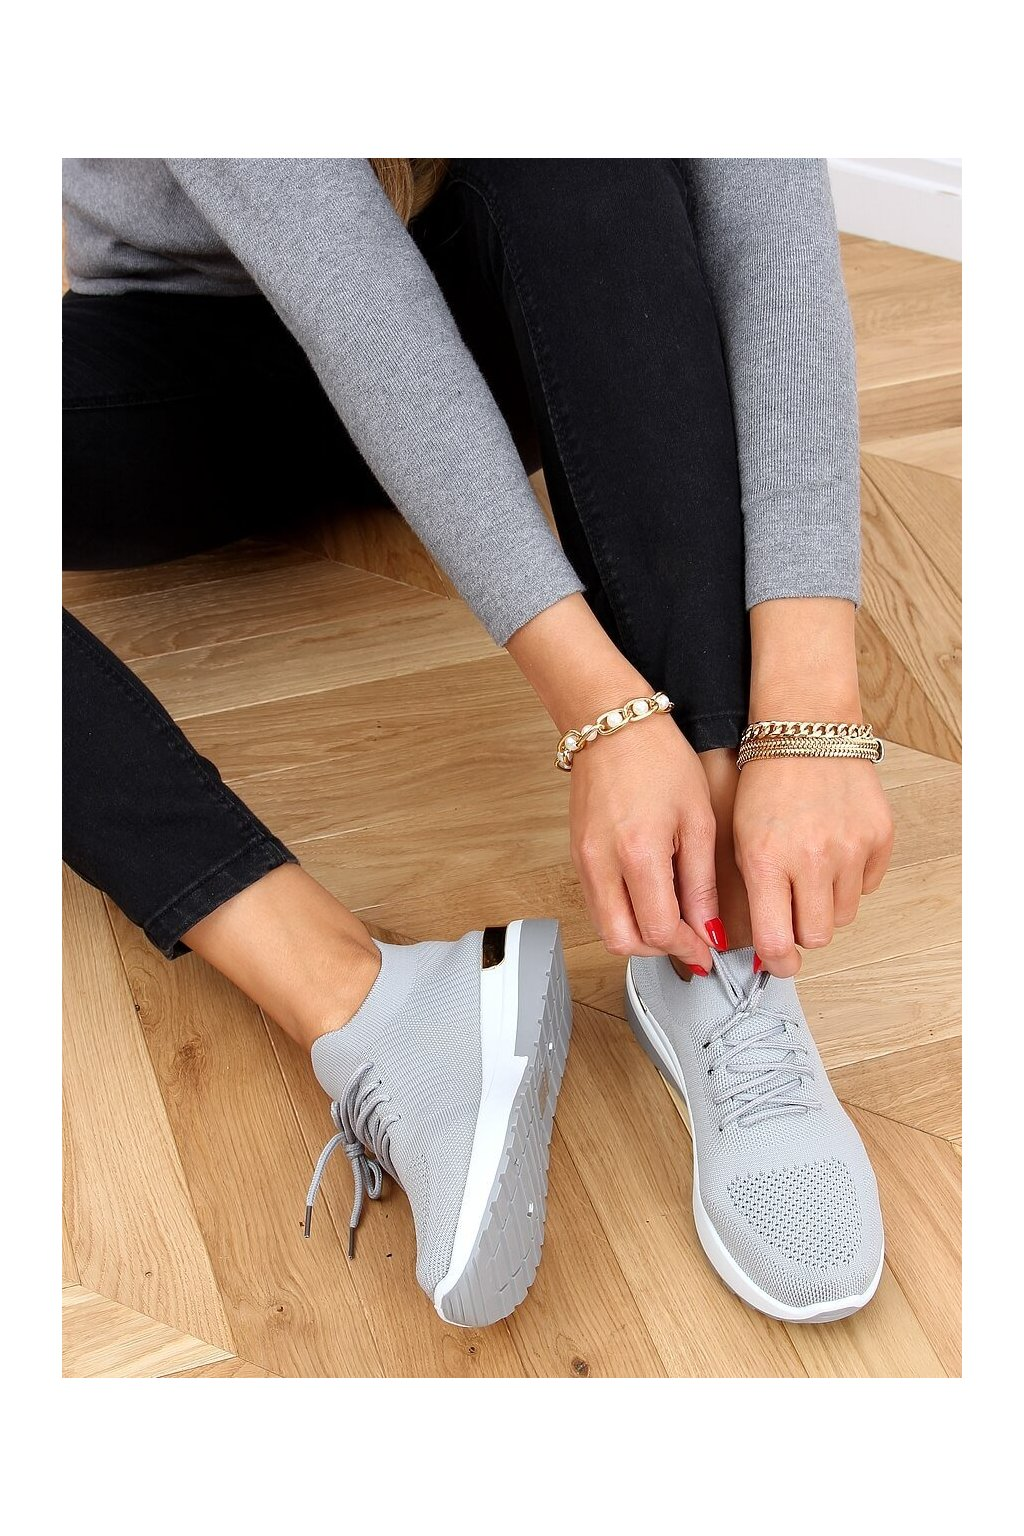 Dámske tenisky sivé G-363